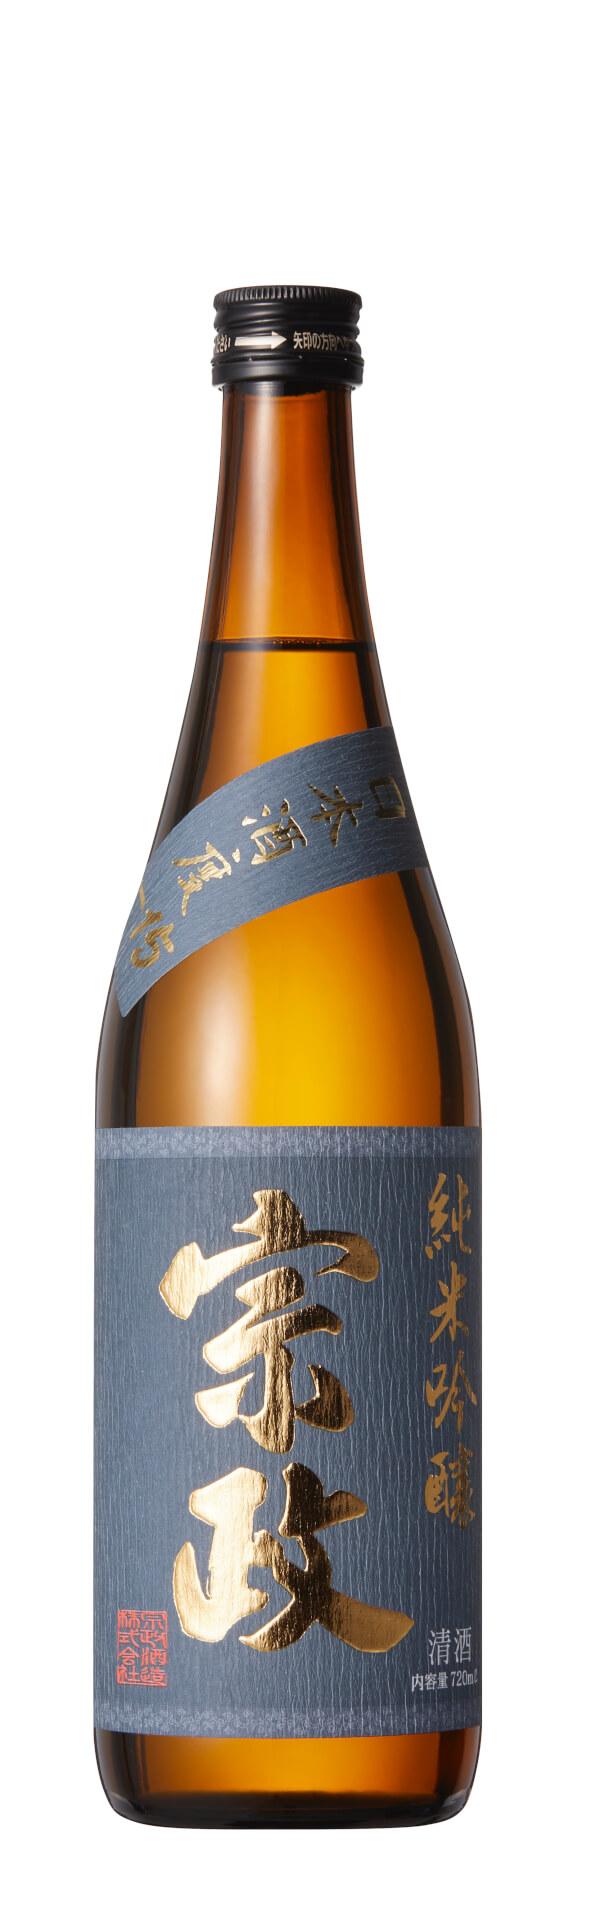 佐賀県×atmosのコラボコレクション『SAGA SAKE COLLECTION』が販売決定!オリジナルグッズや限定ラベルの日本酒なども culture2020917-atoms8